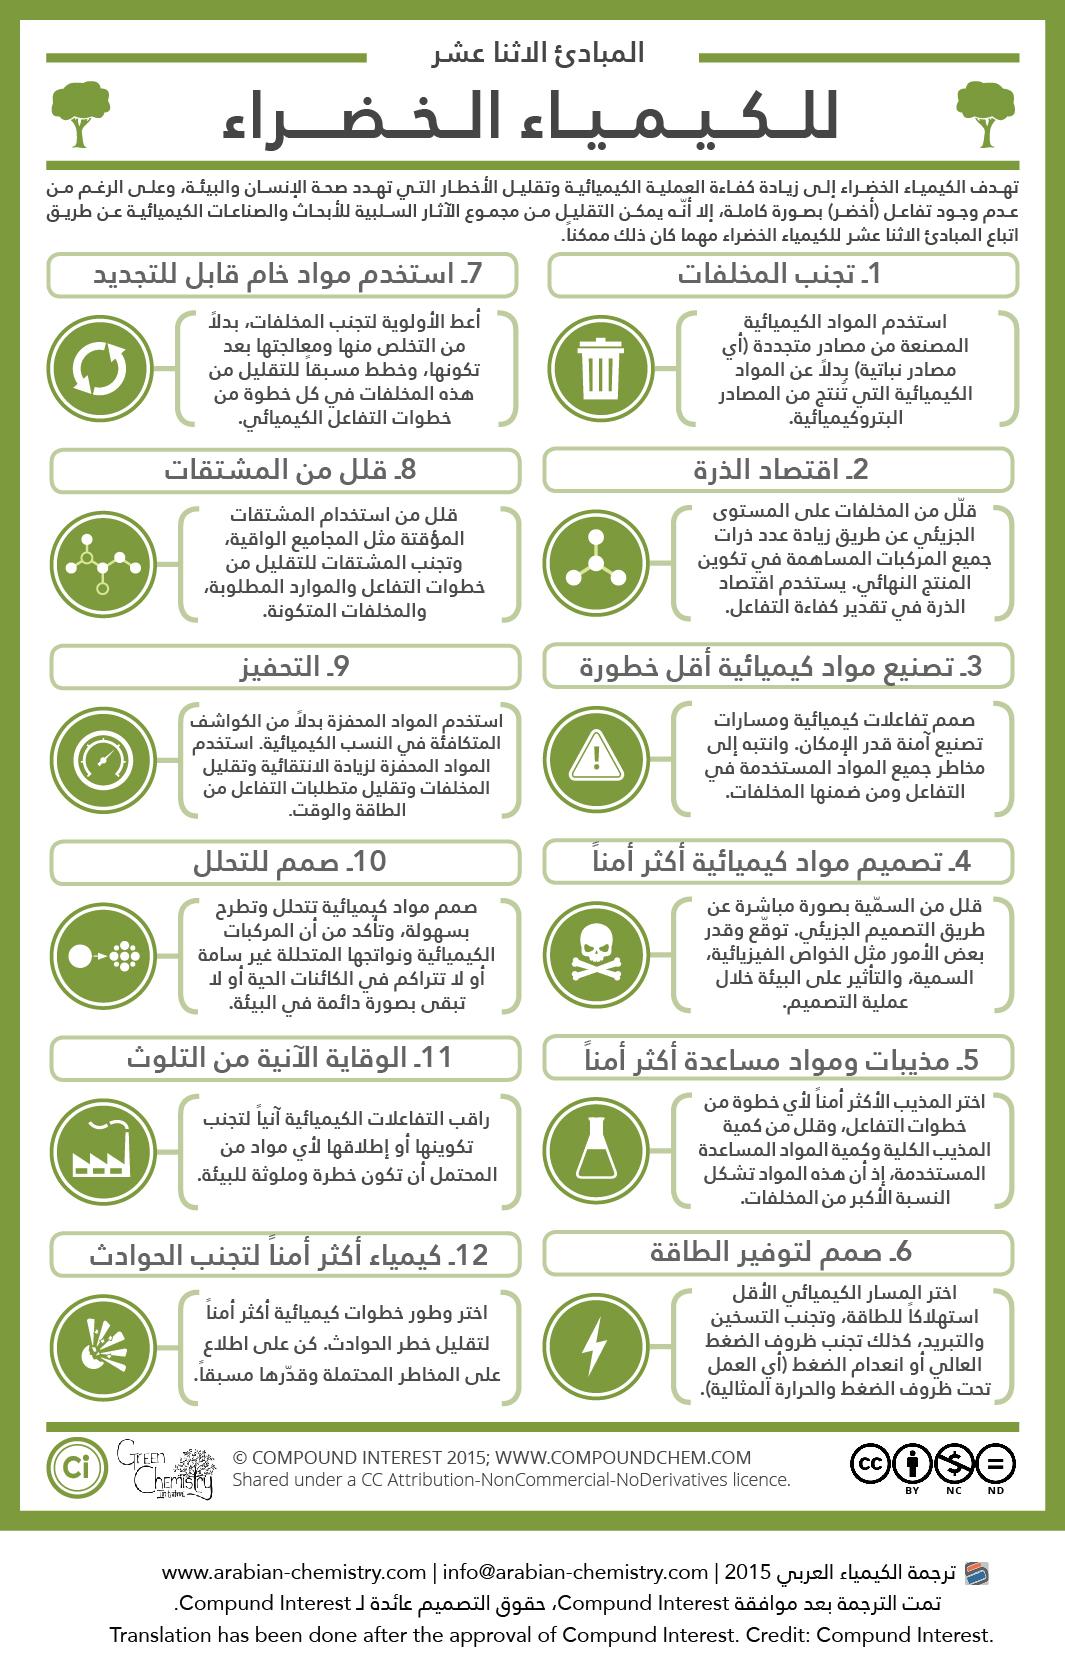 ما هي الكيمياء الخضراء